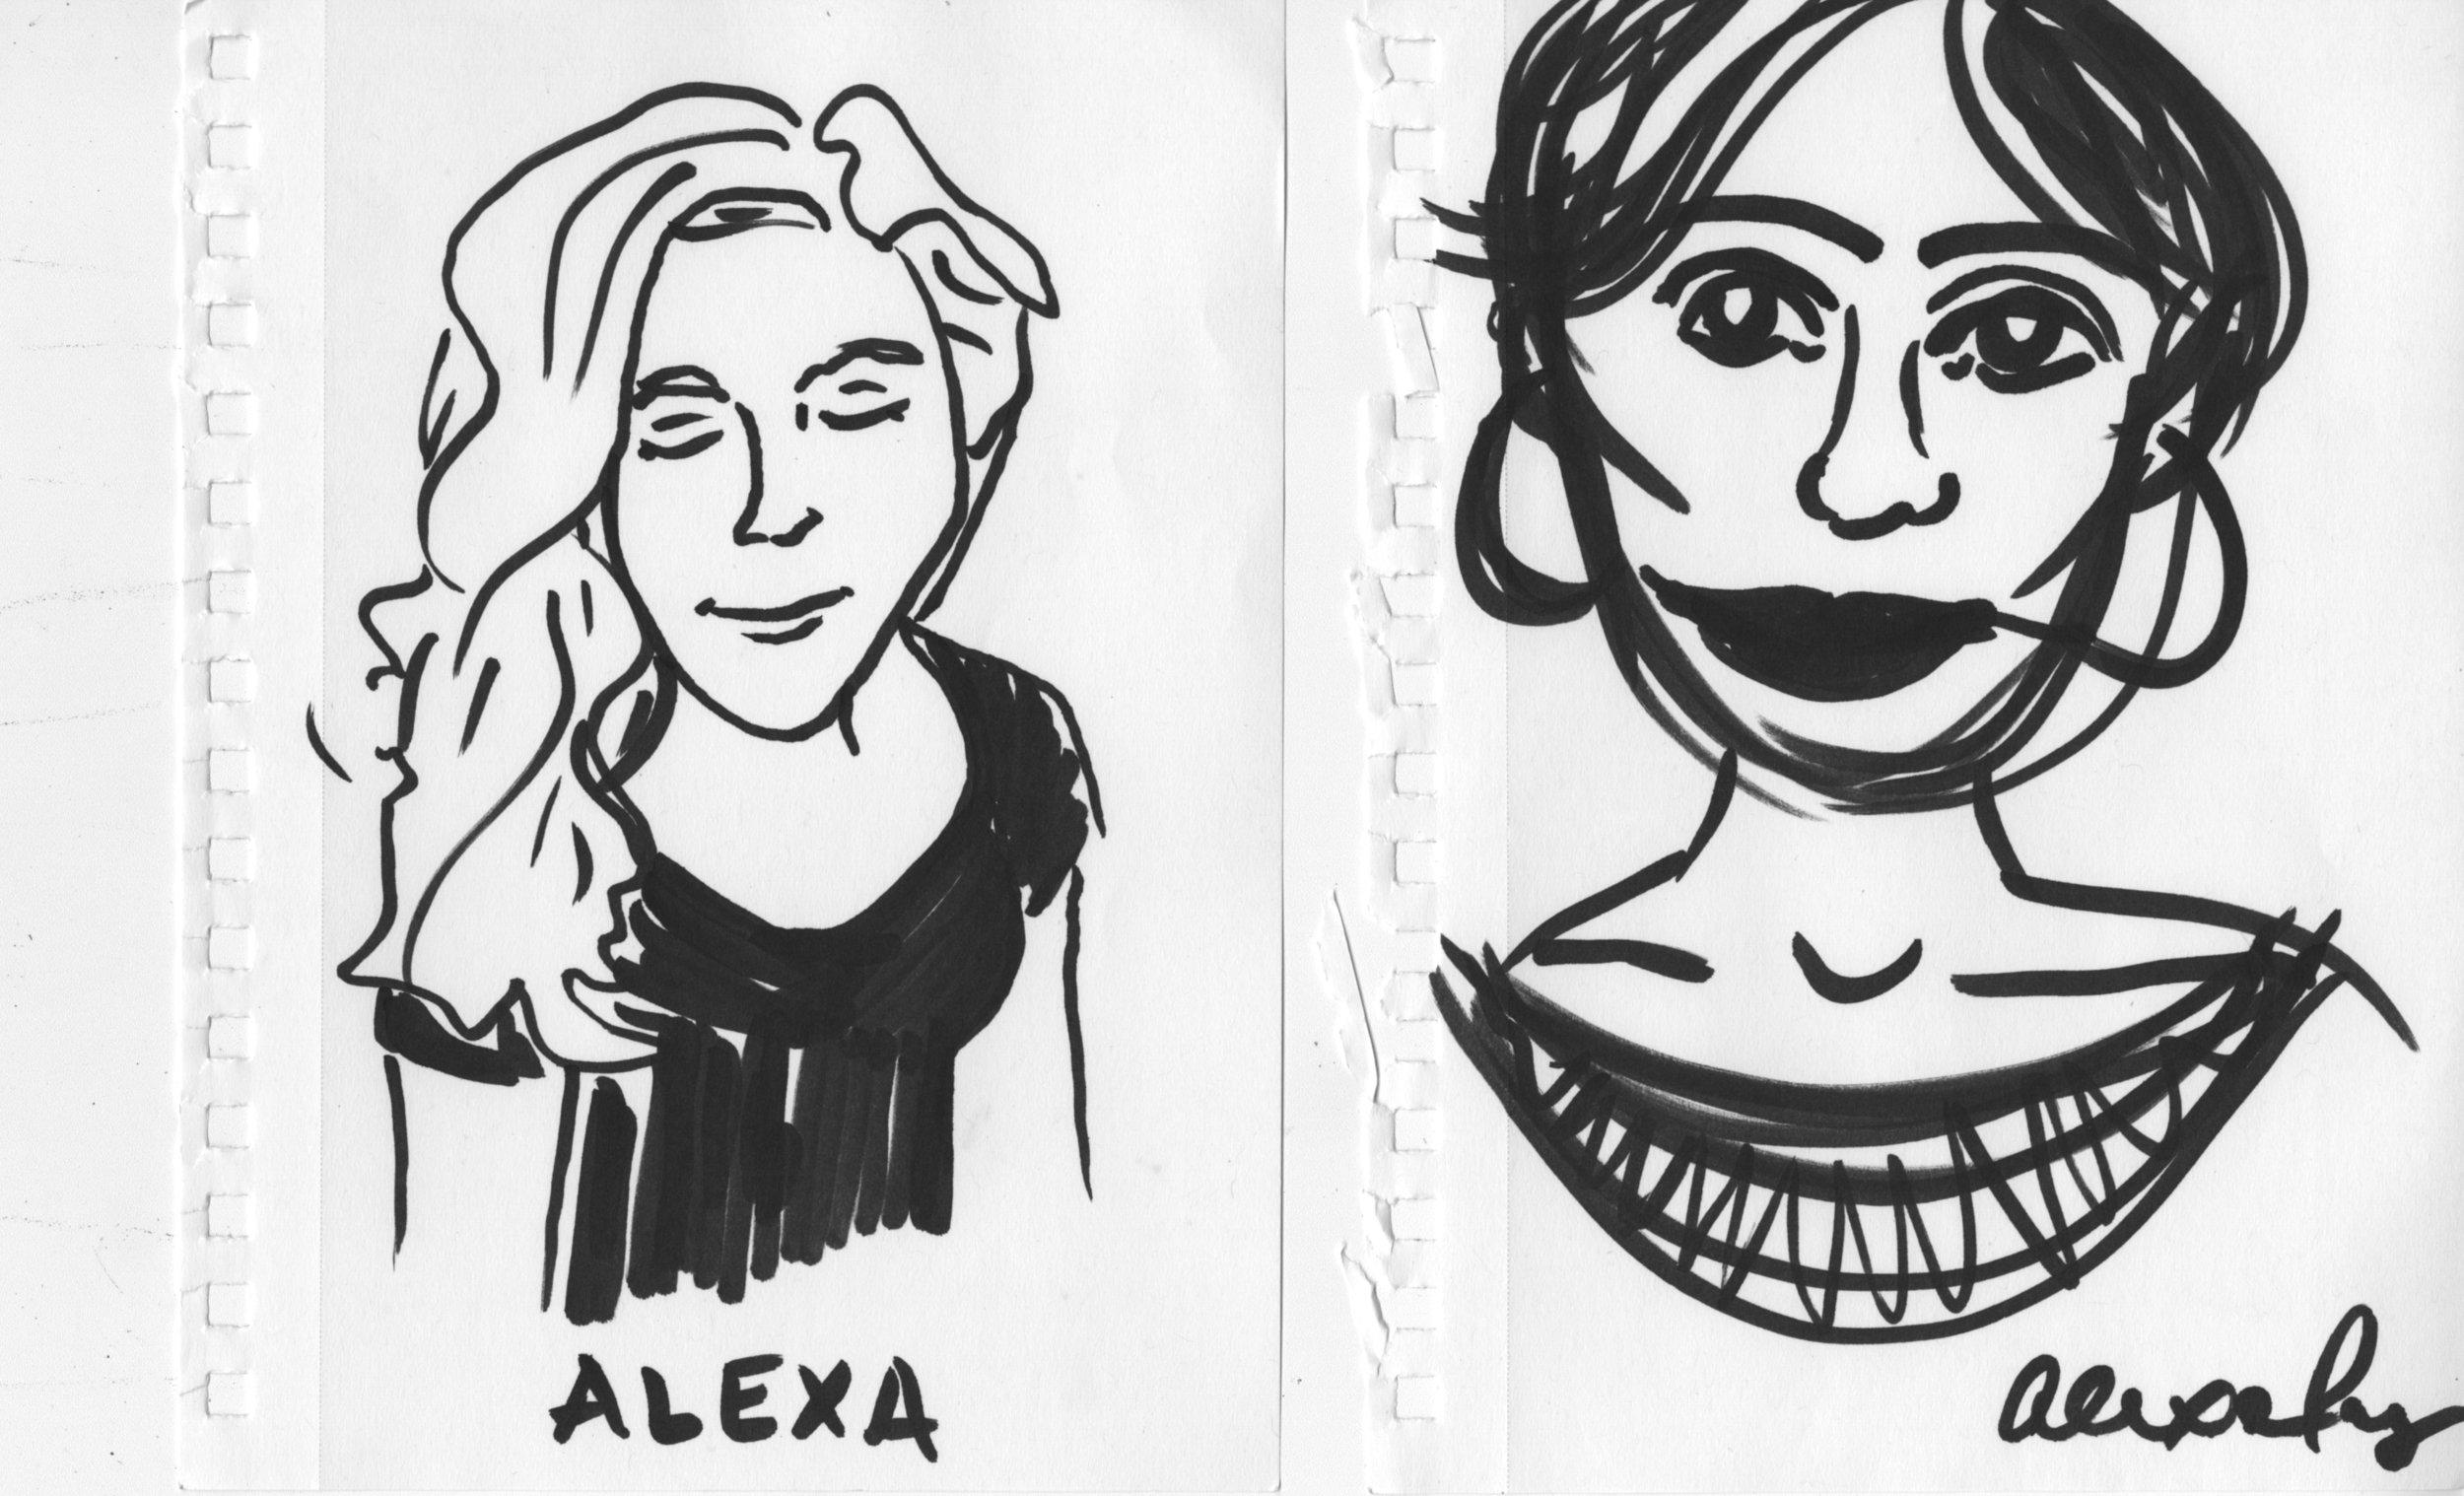 21_Alexa_Alexa.jpg